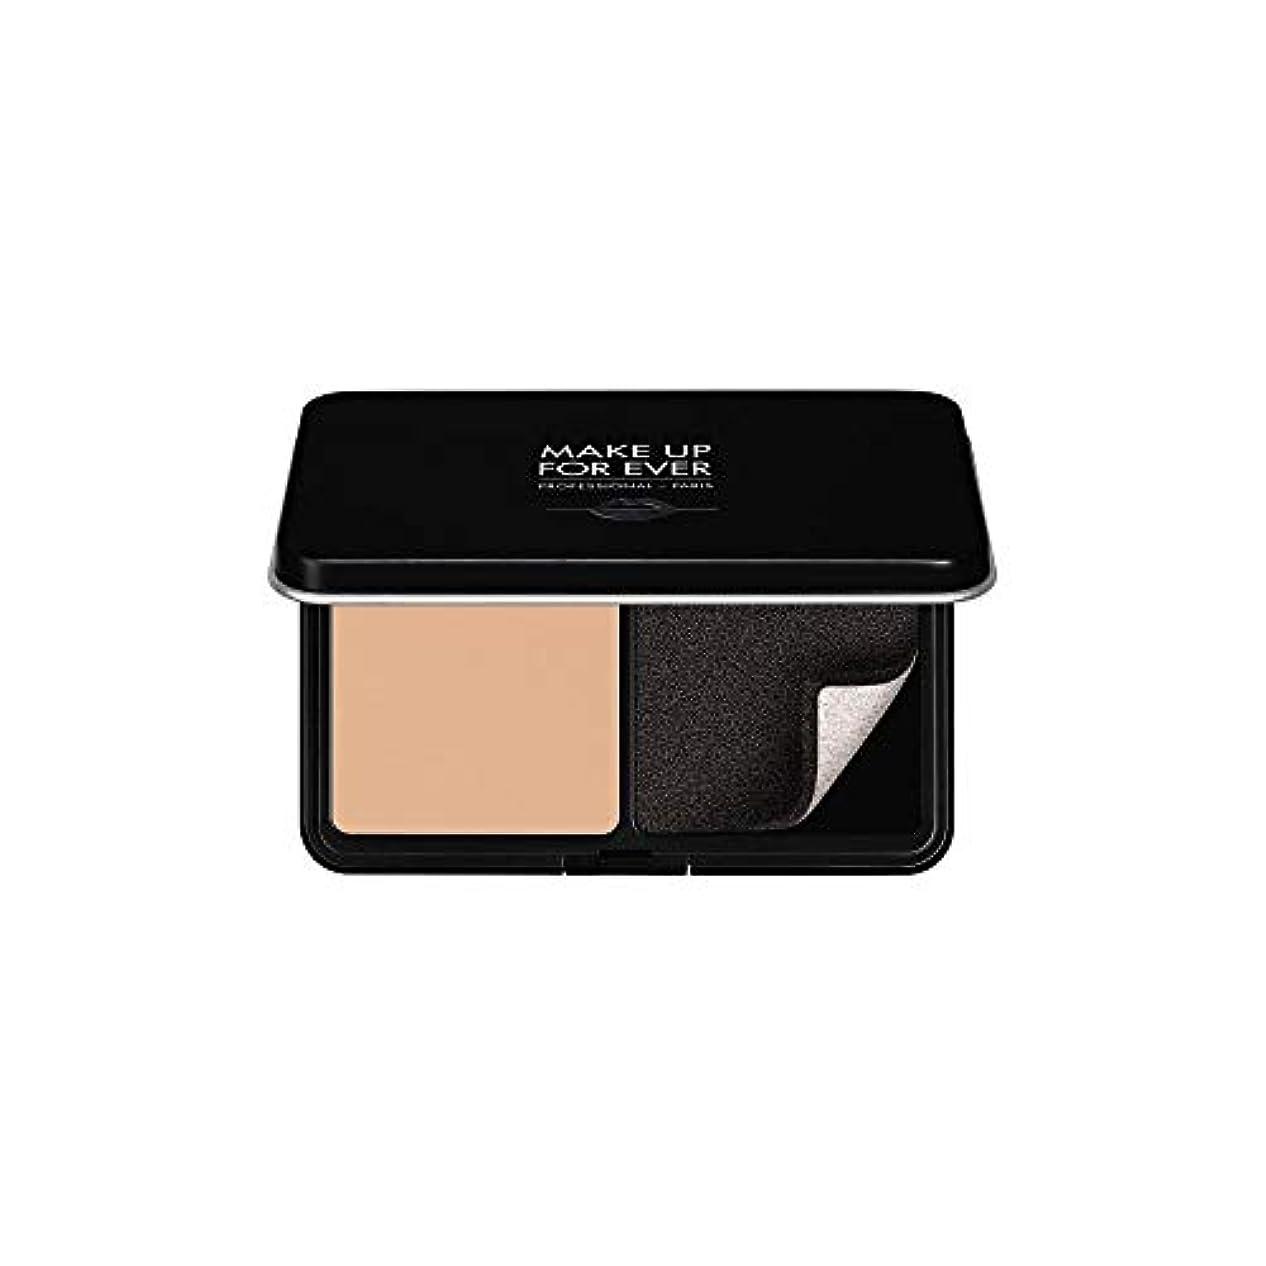 ラボ前文ラベンダーメイクアップフォーエバー Matte Velvet Skin Blurring Powder Foundation - # R250 (Beige Nude) 11g/0.38oz並行輸入品